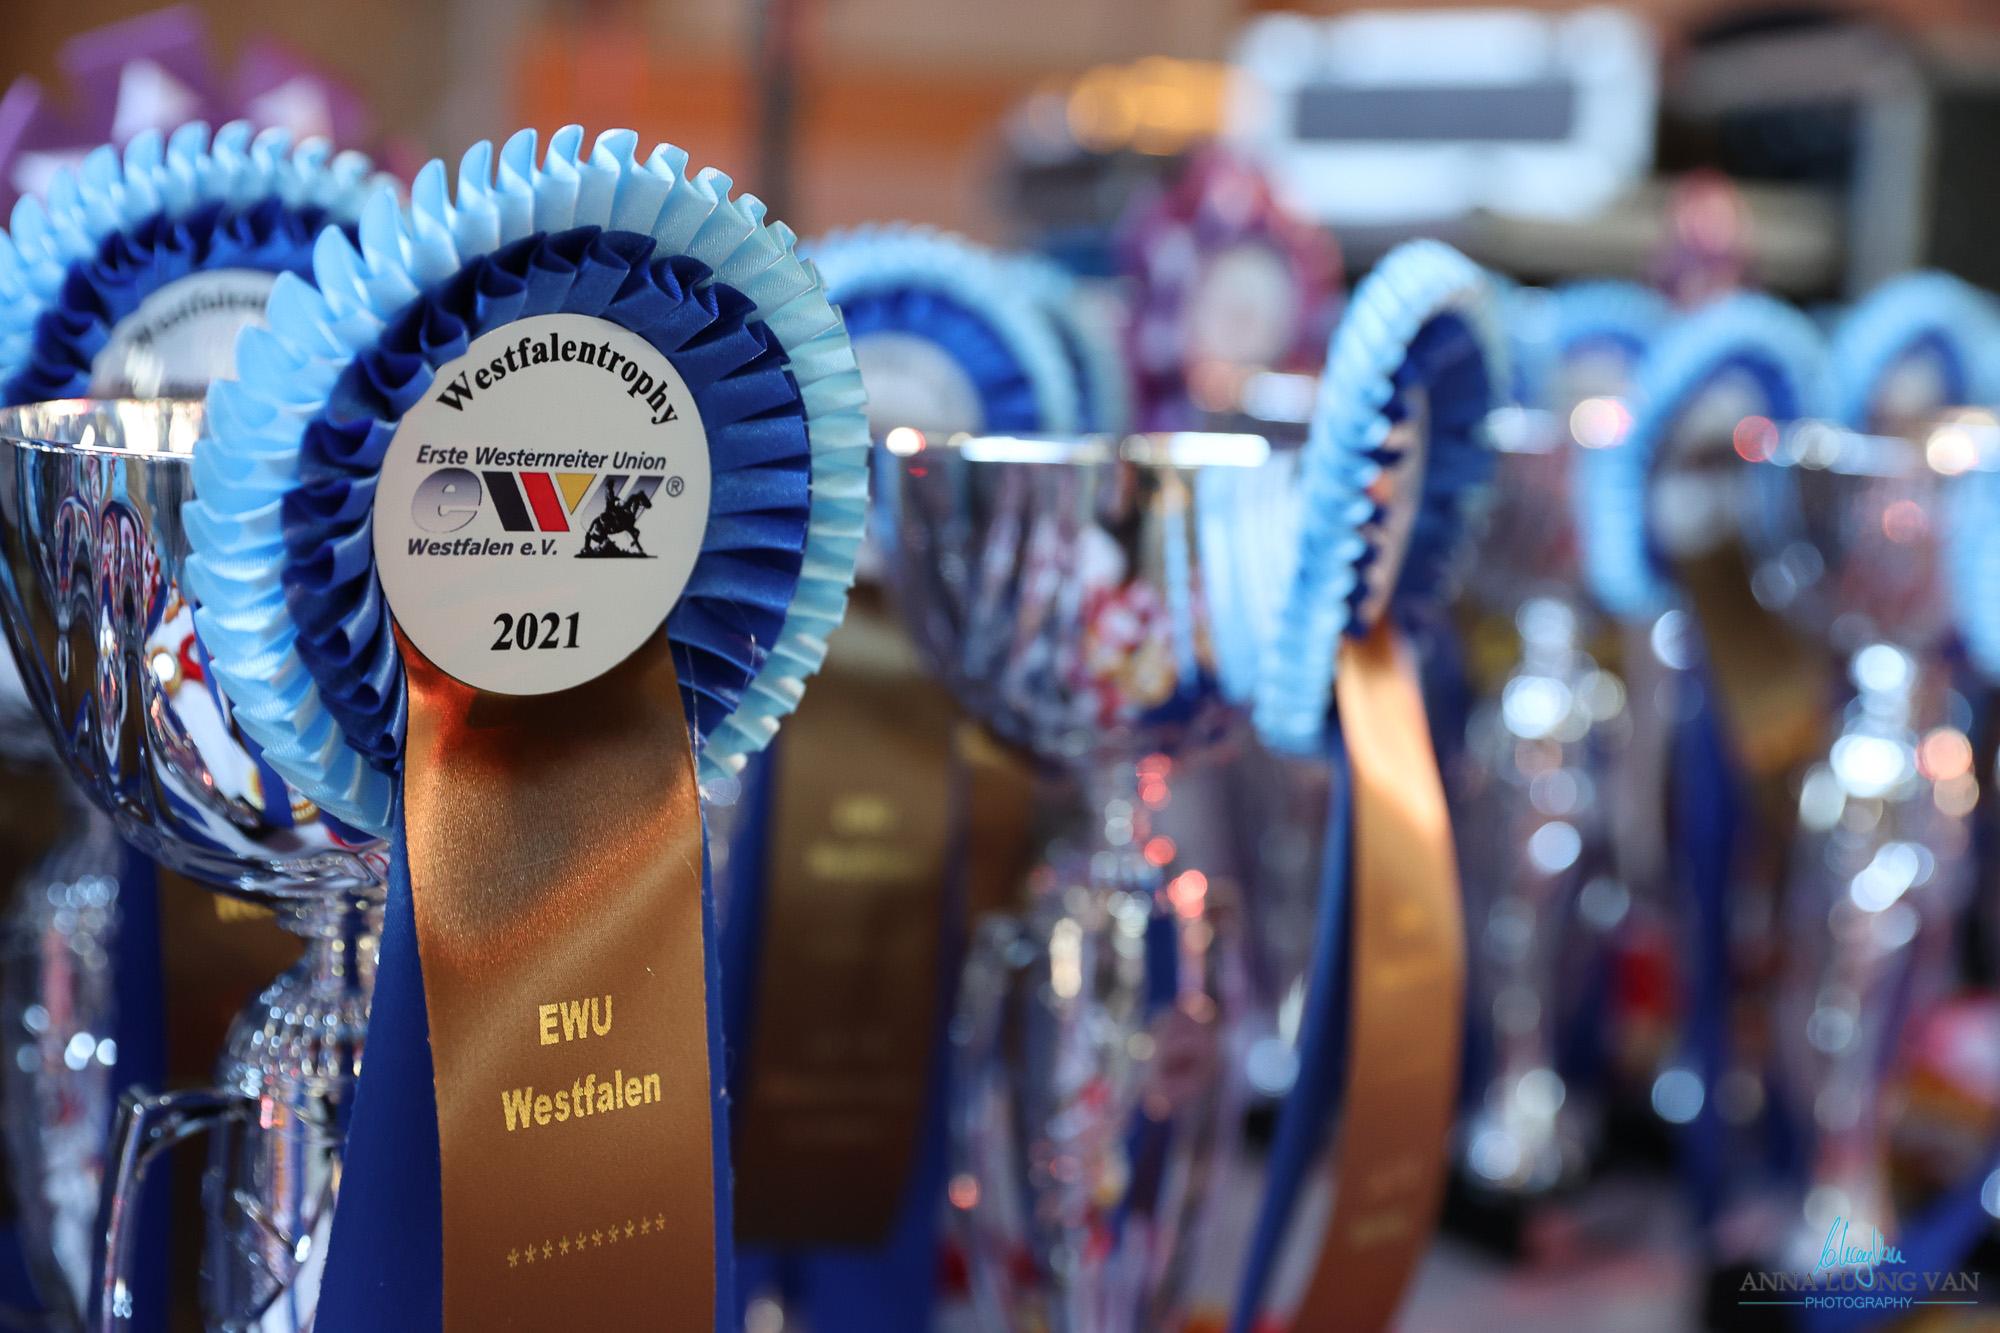 Regularien zur Trophy Wertung der EWU Westfalen ab 2022